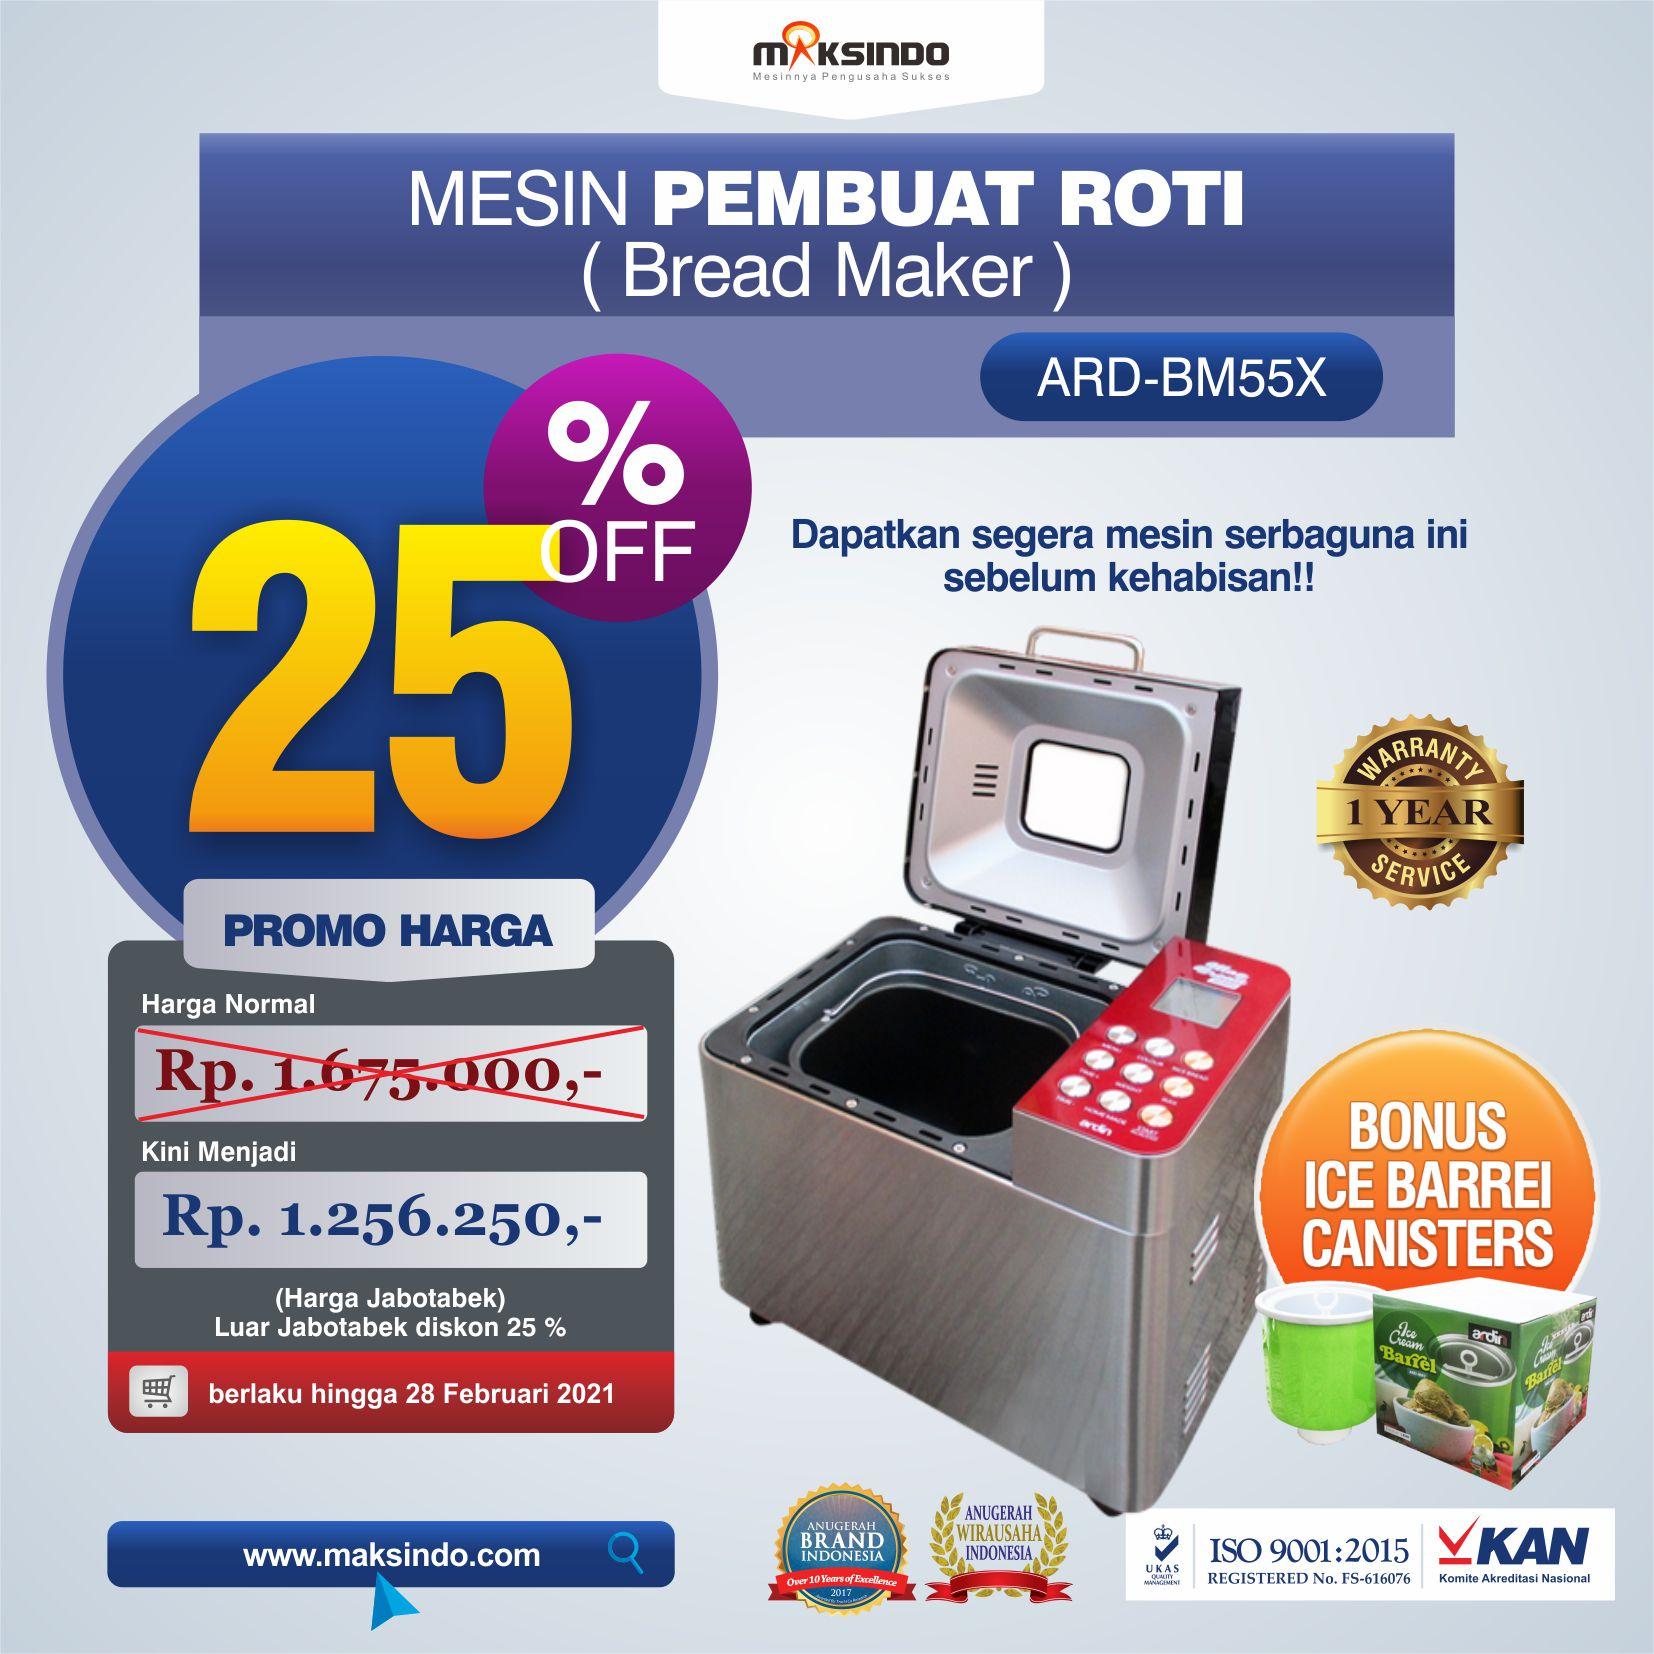 Jual Pembuat Roti Bread Maker ARD-BM55X di Makassar